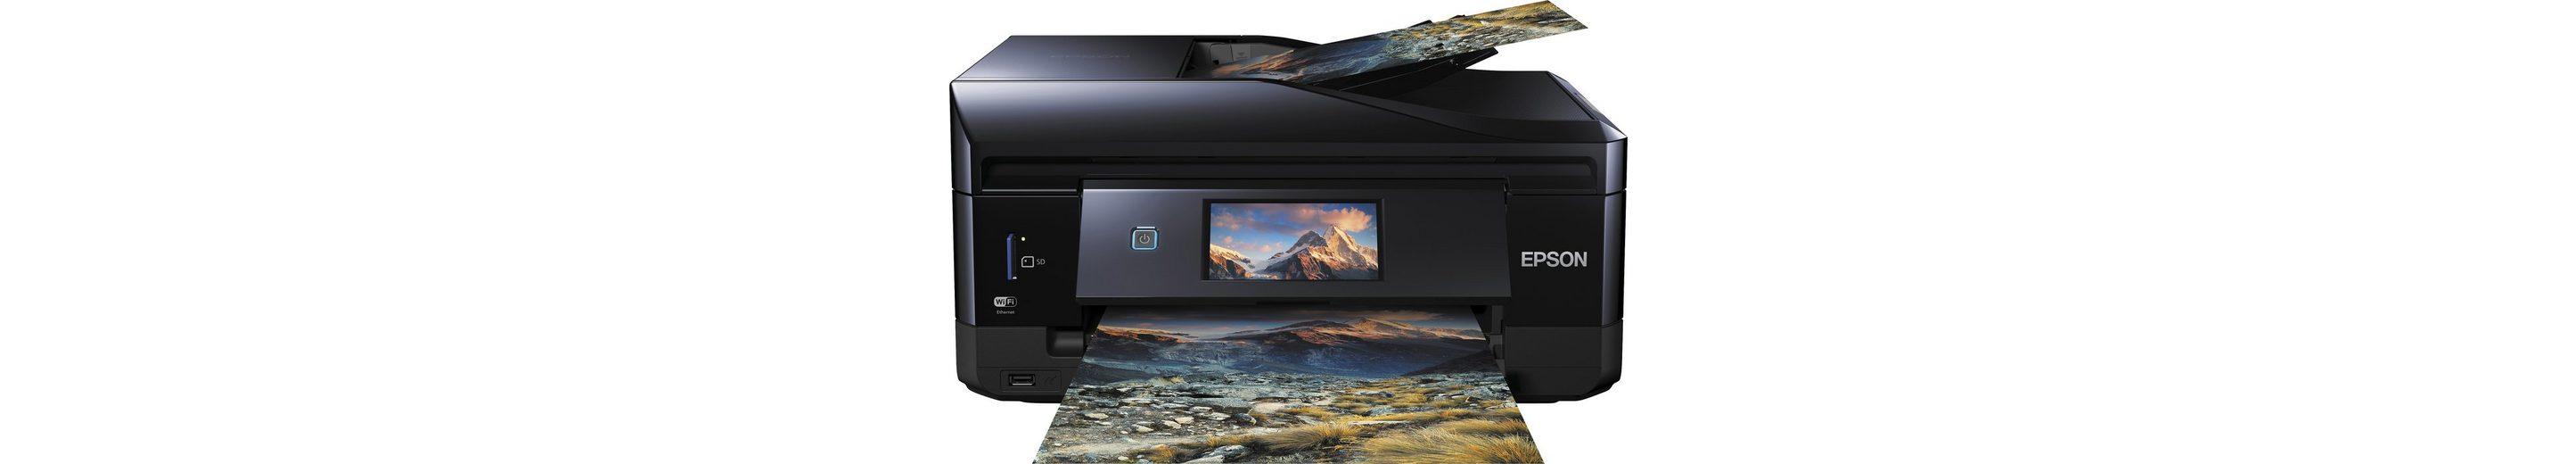 Epson Expression Premium XP 830 Multifunktionsdrucker